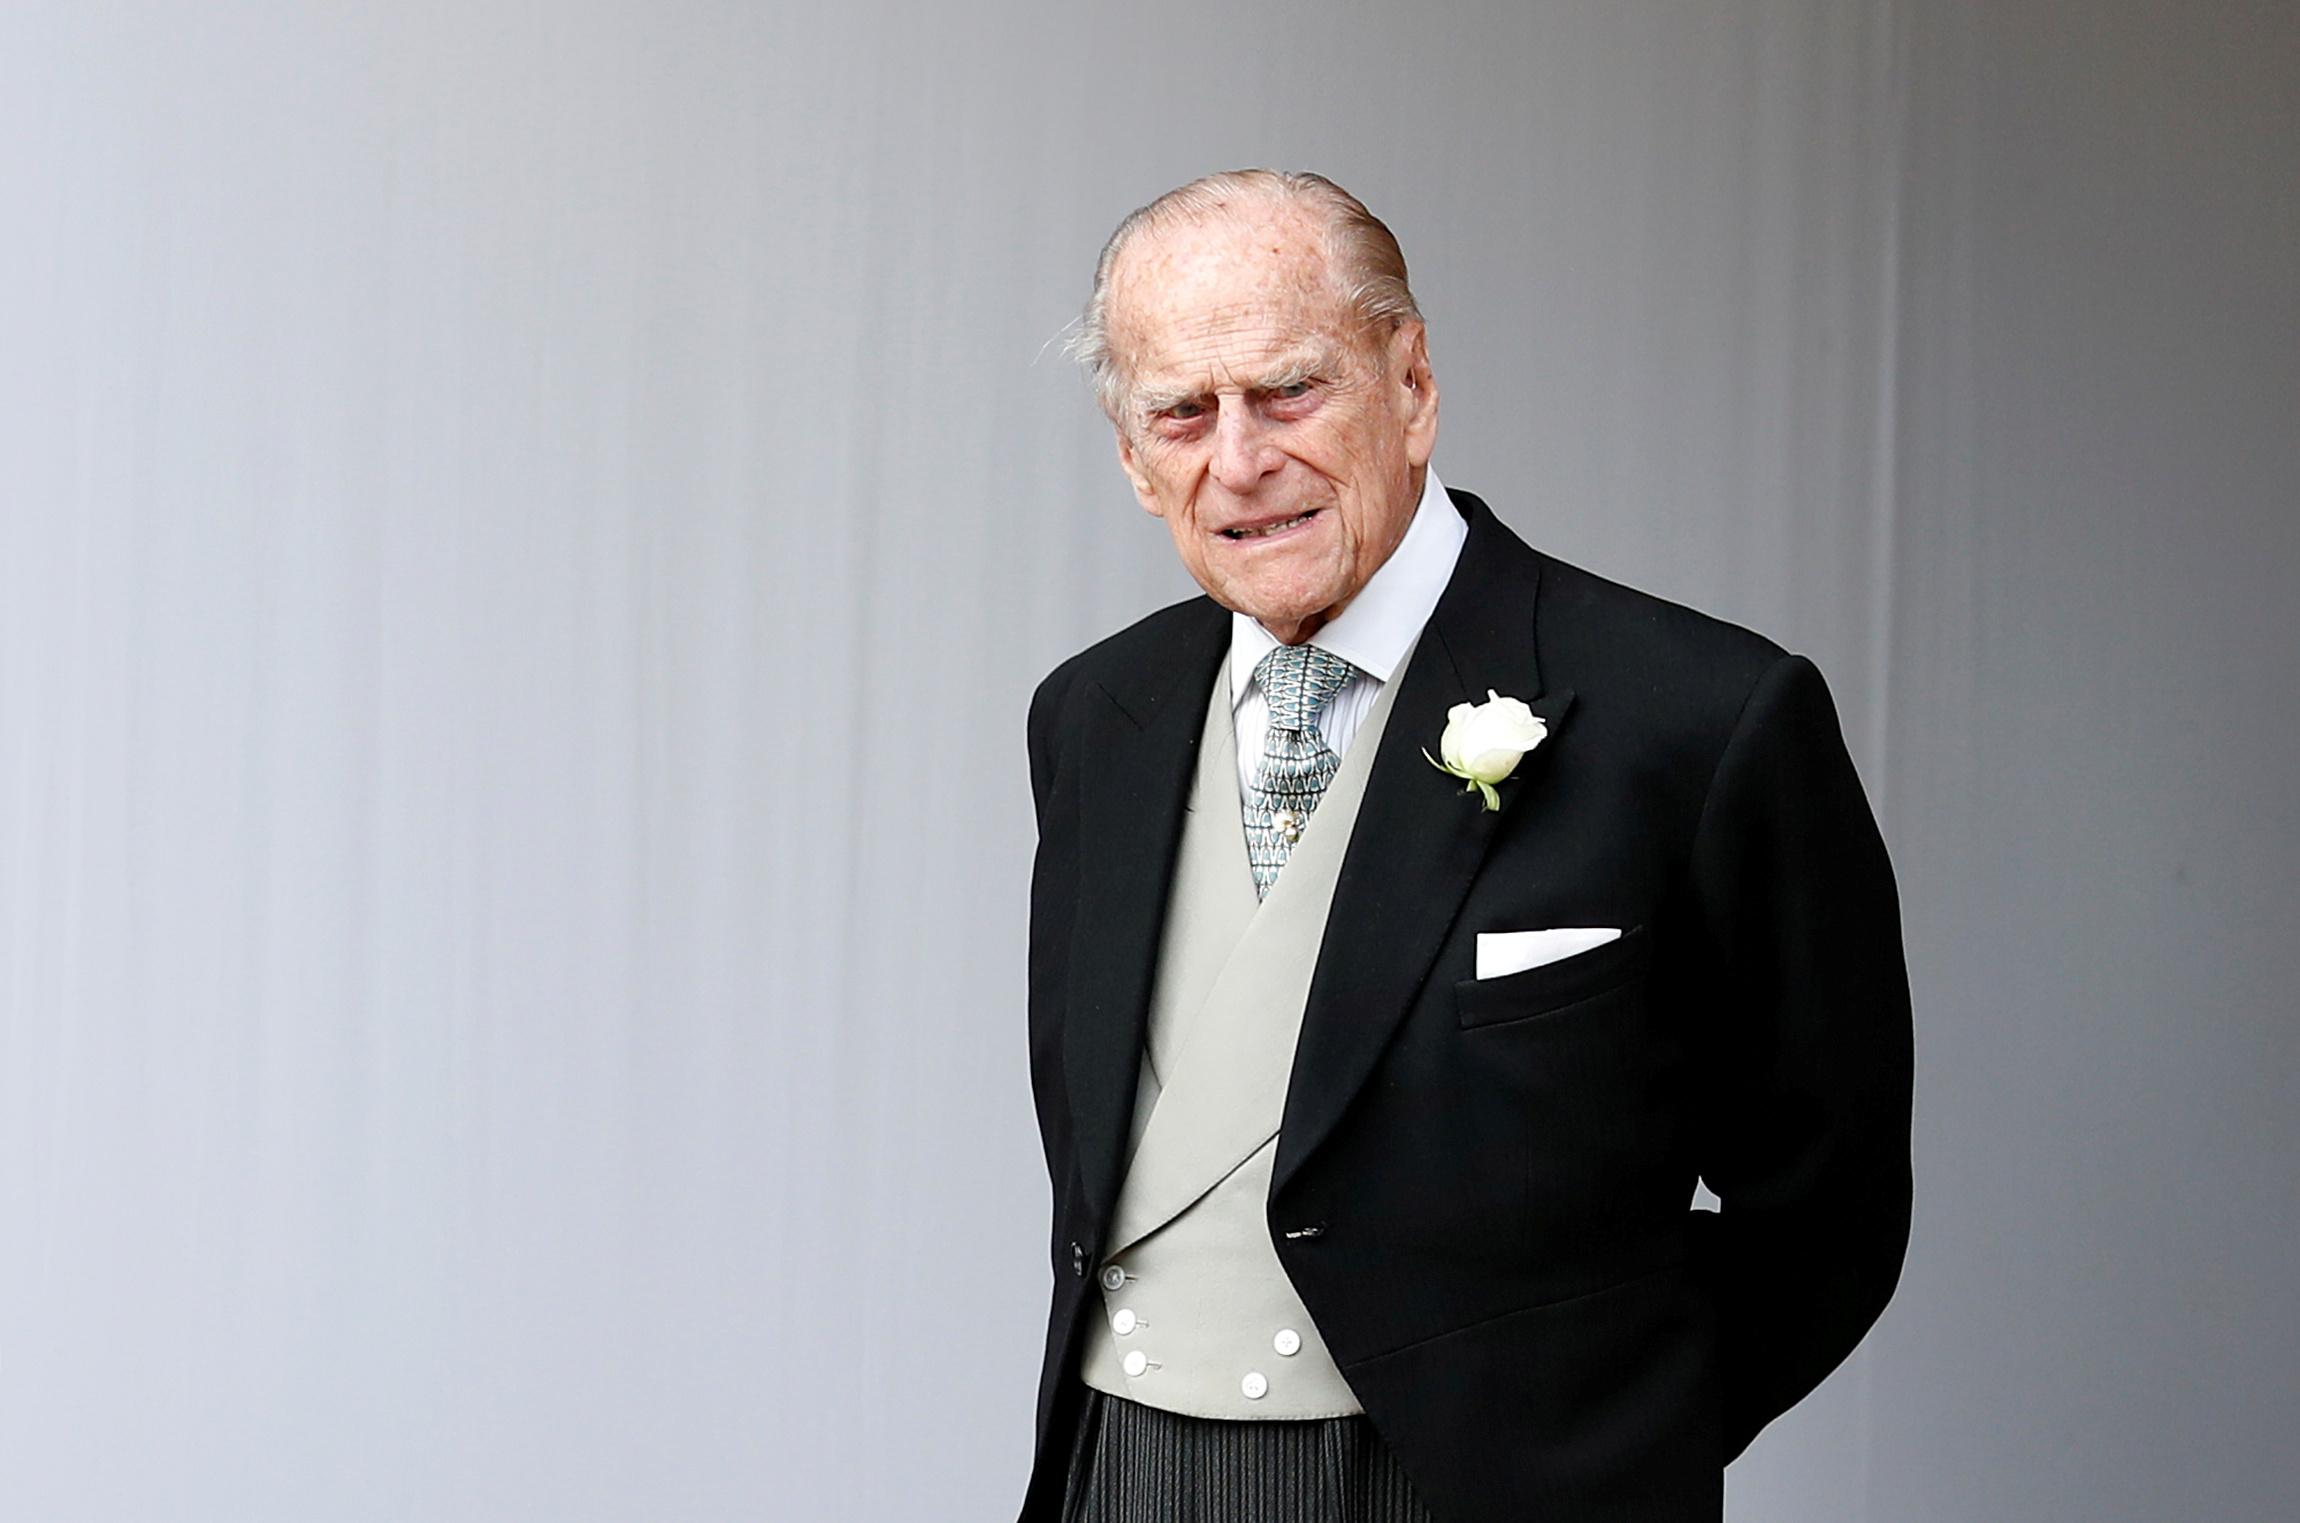 Βρετανία: Ο πρίγκιπας Φίλιππος θα μείνει και το Σαββατοκύριακο στο νοσοκομείο